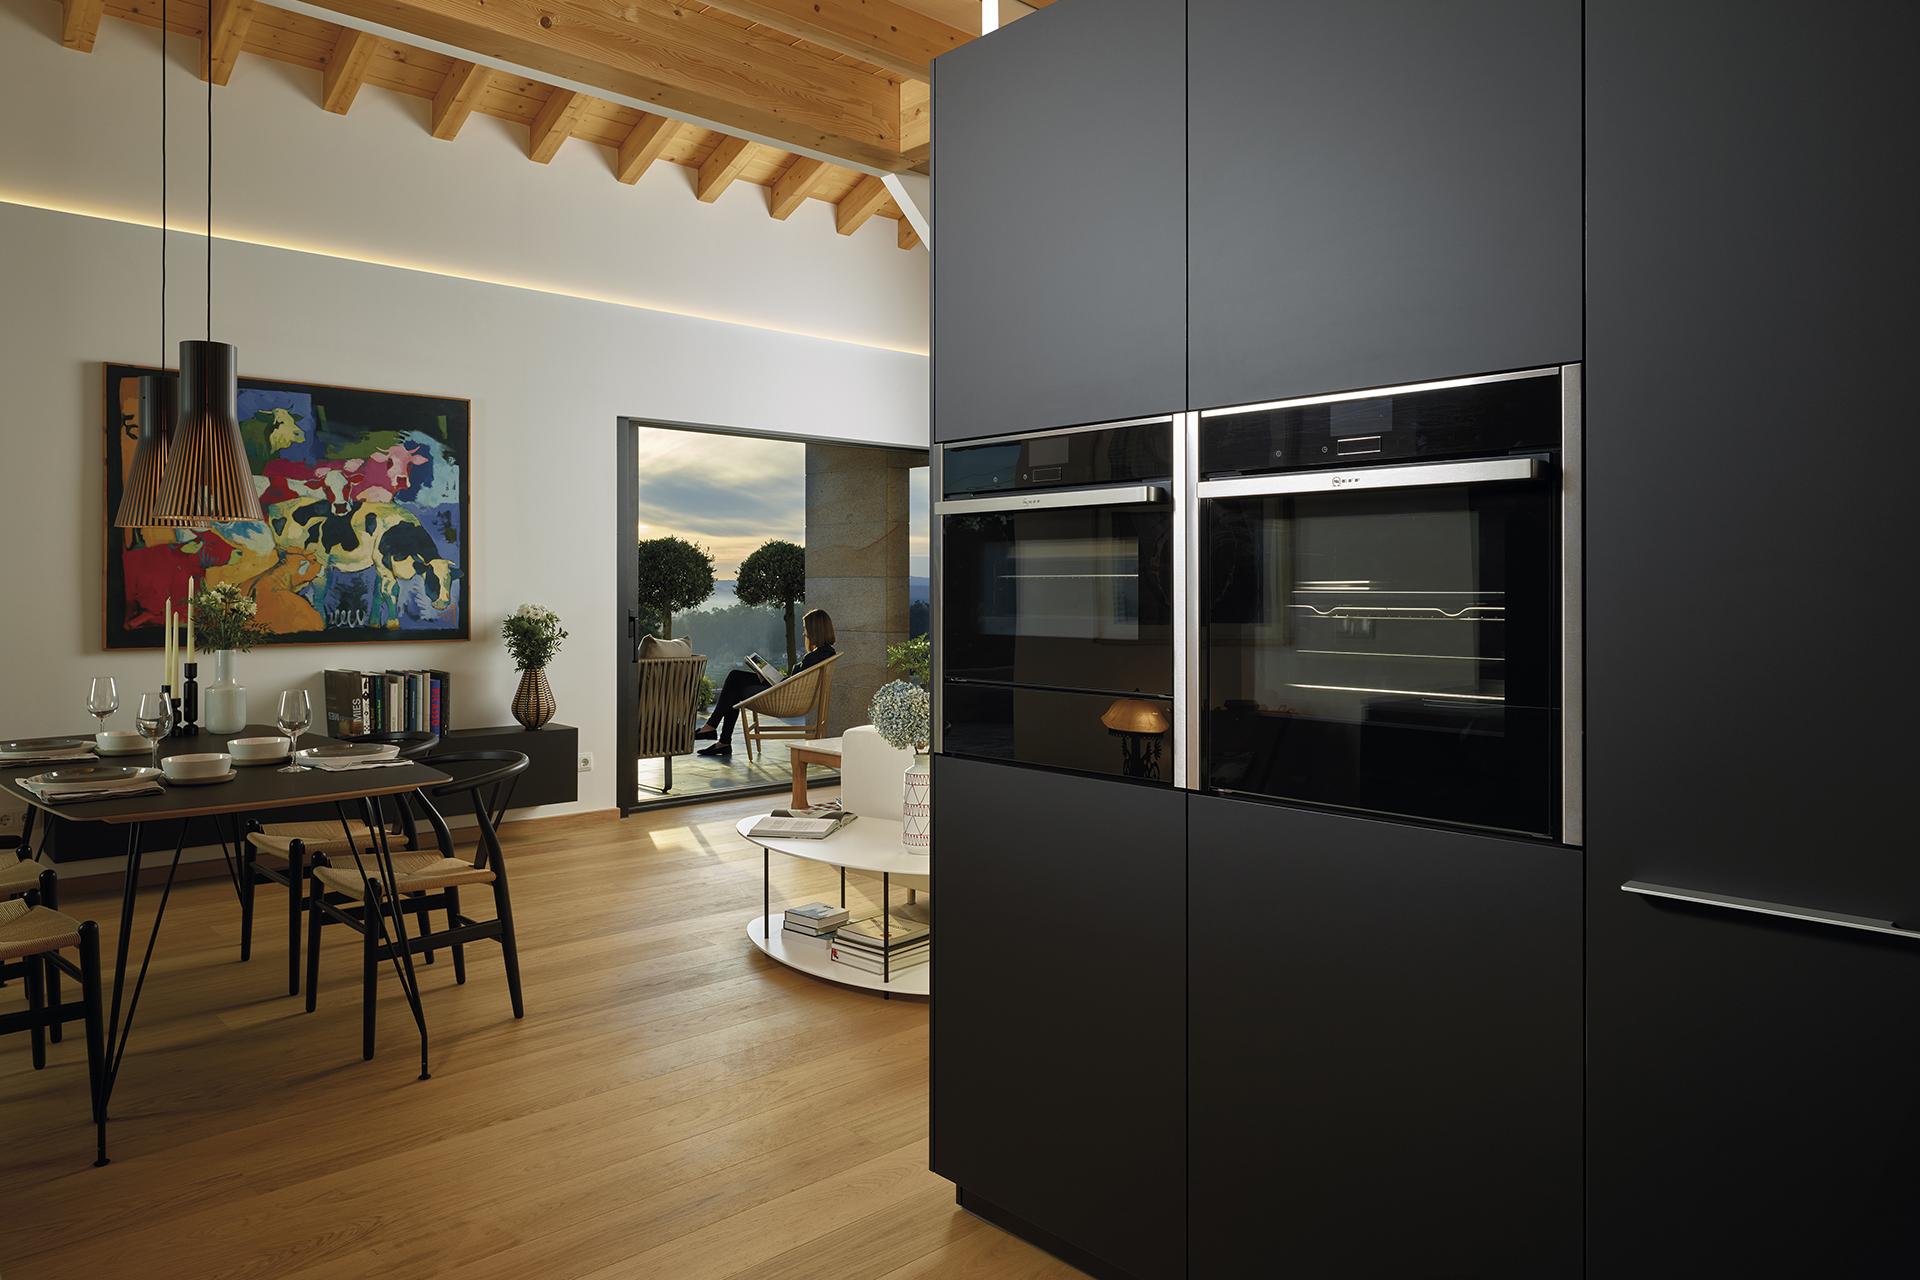 Cuisine noire ouverte sur le salon, équipée avec des meubles conçus par Santos